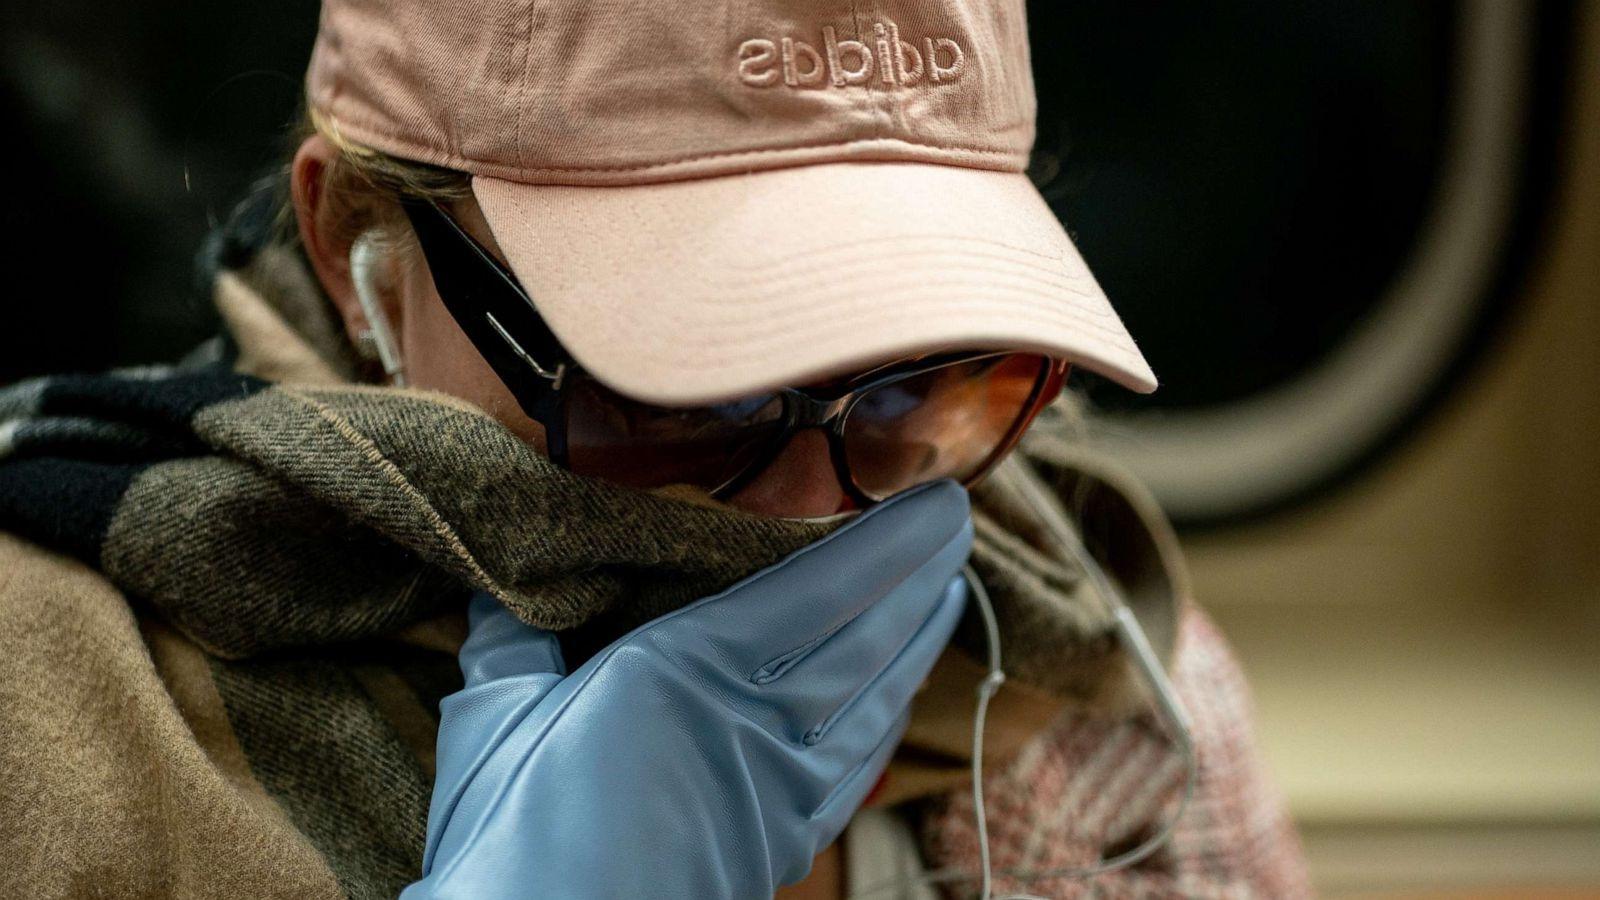 Les masques sont plus utiles pour empêcher une personne infectée d'affecter les autres.